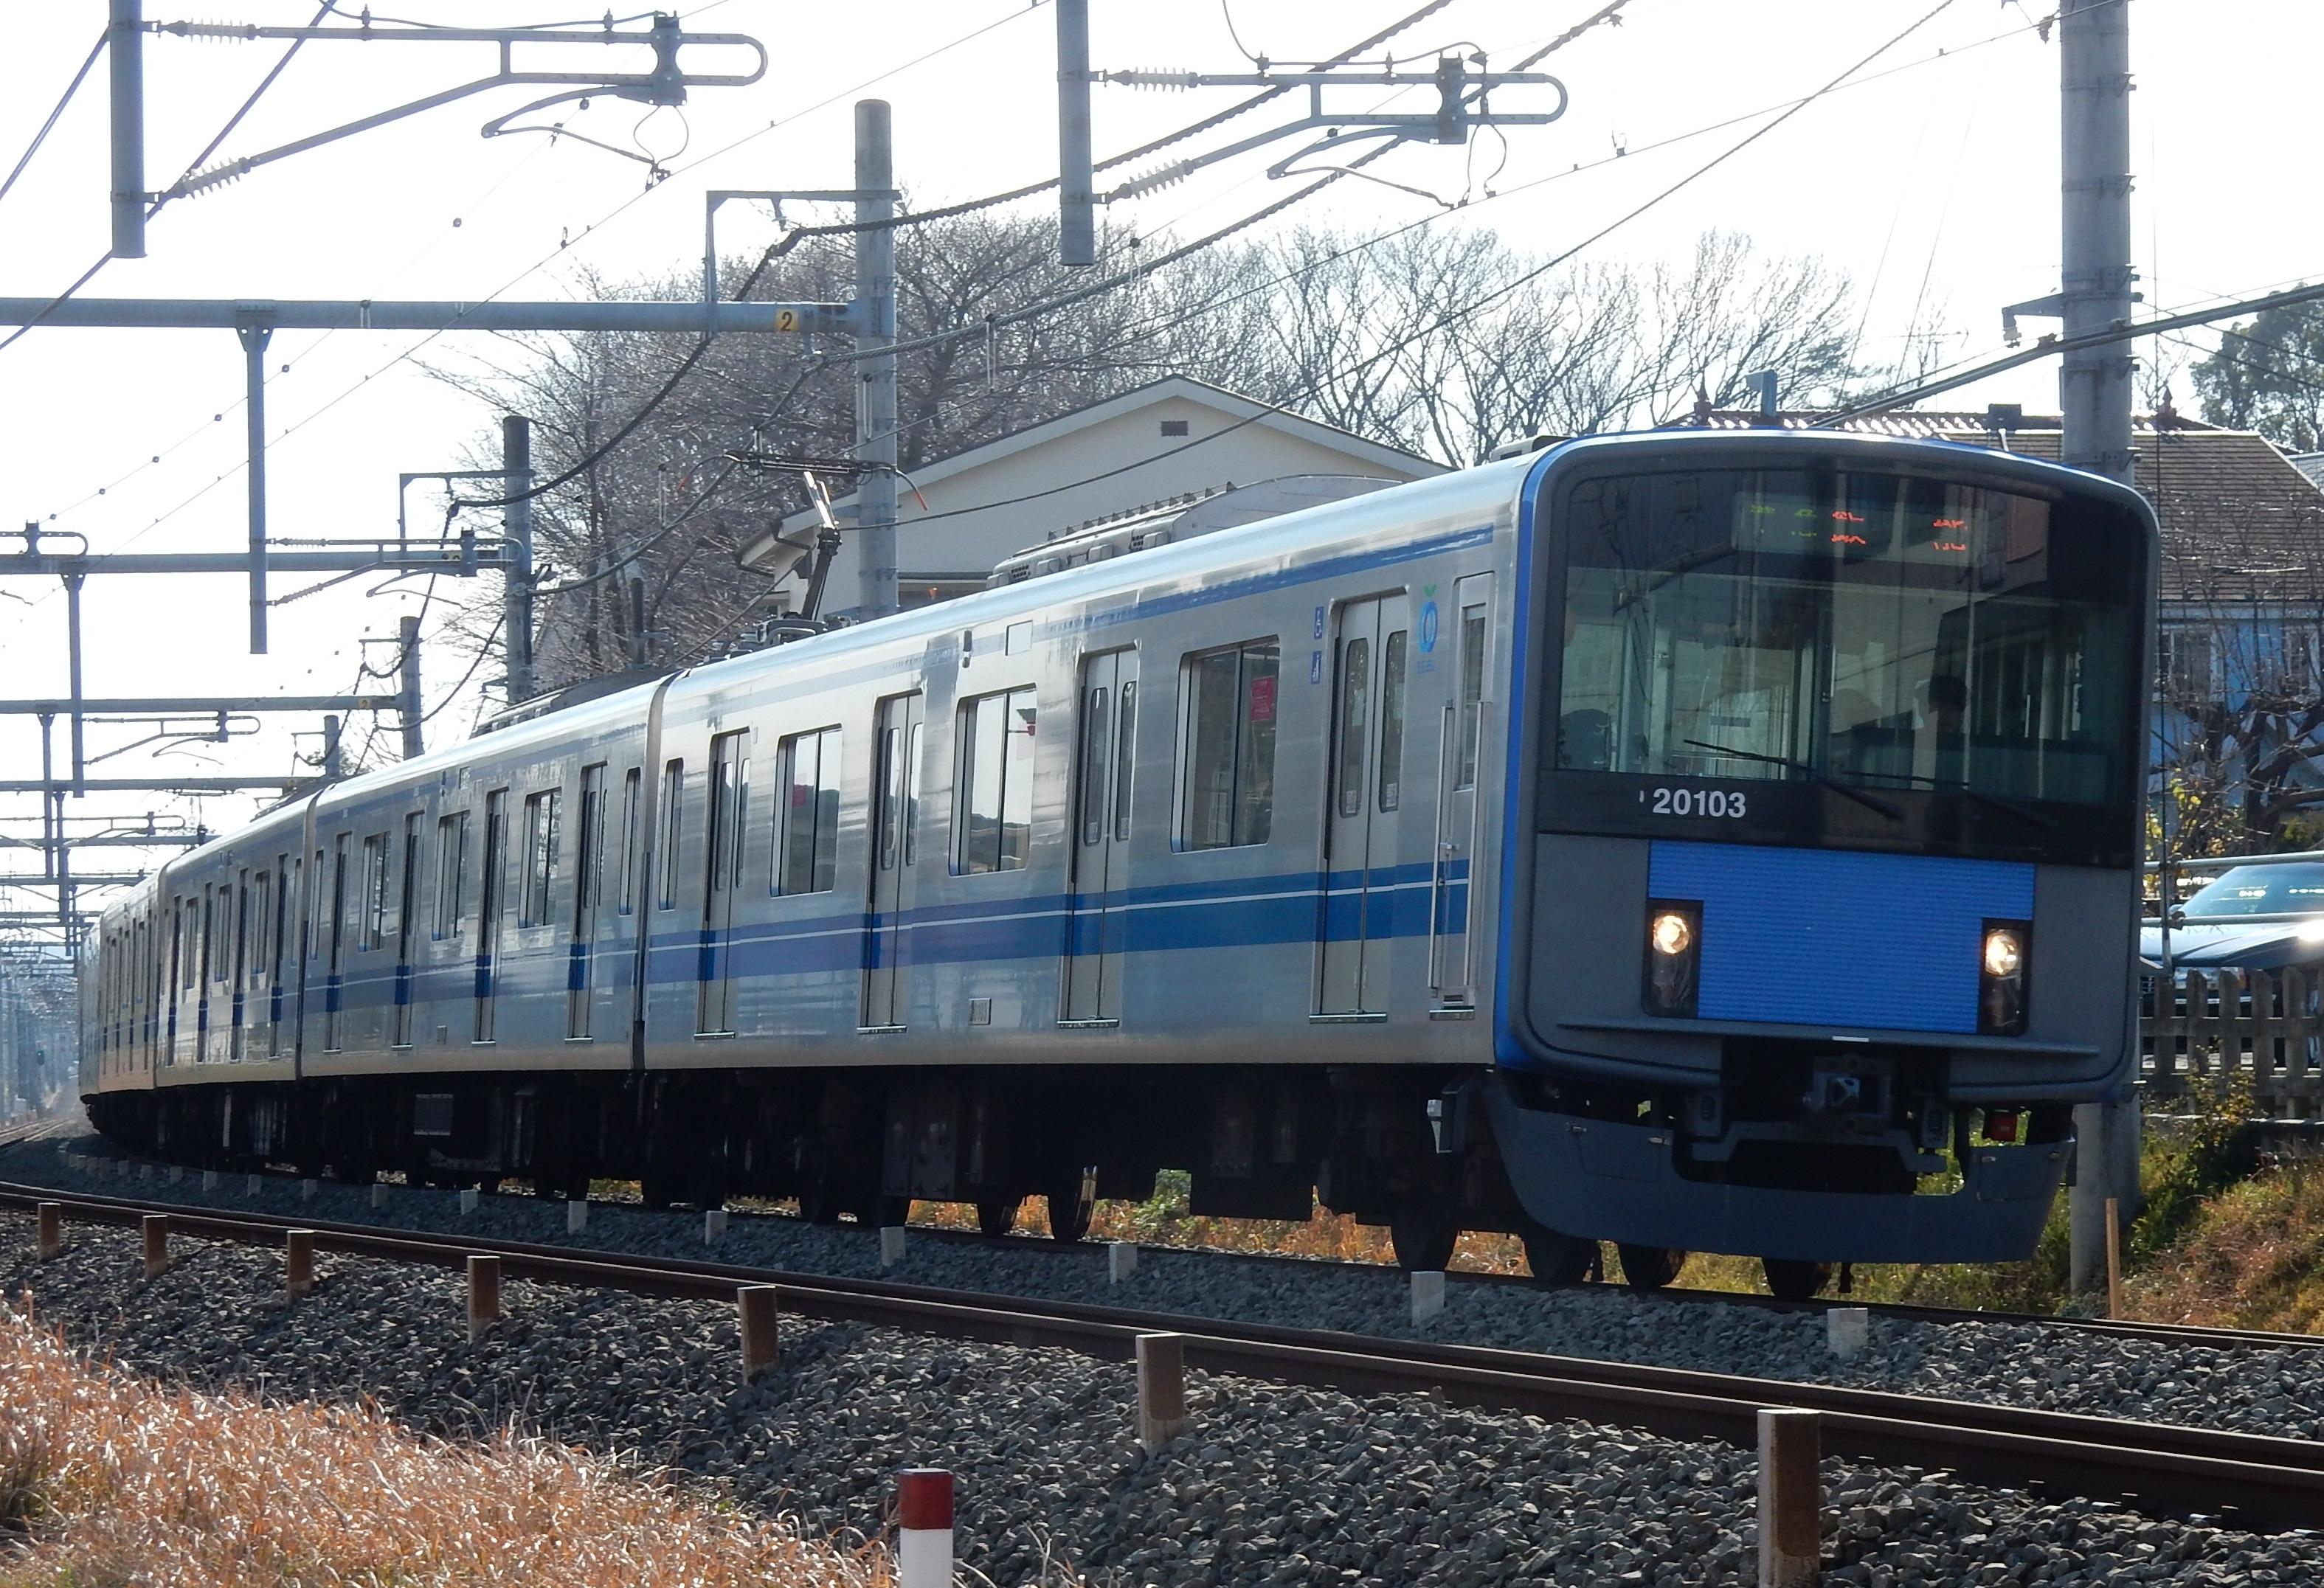 DSCN8748.jpg